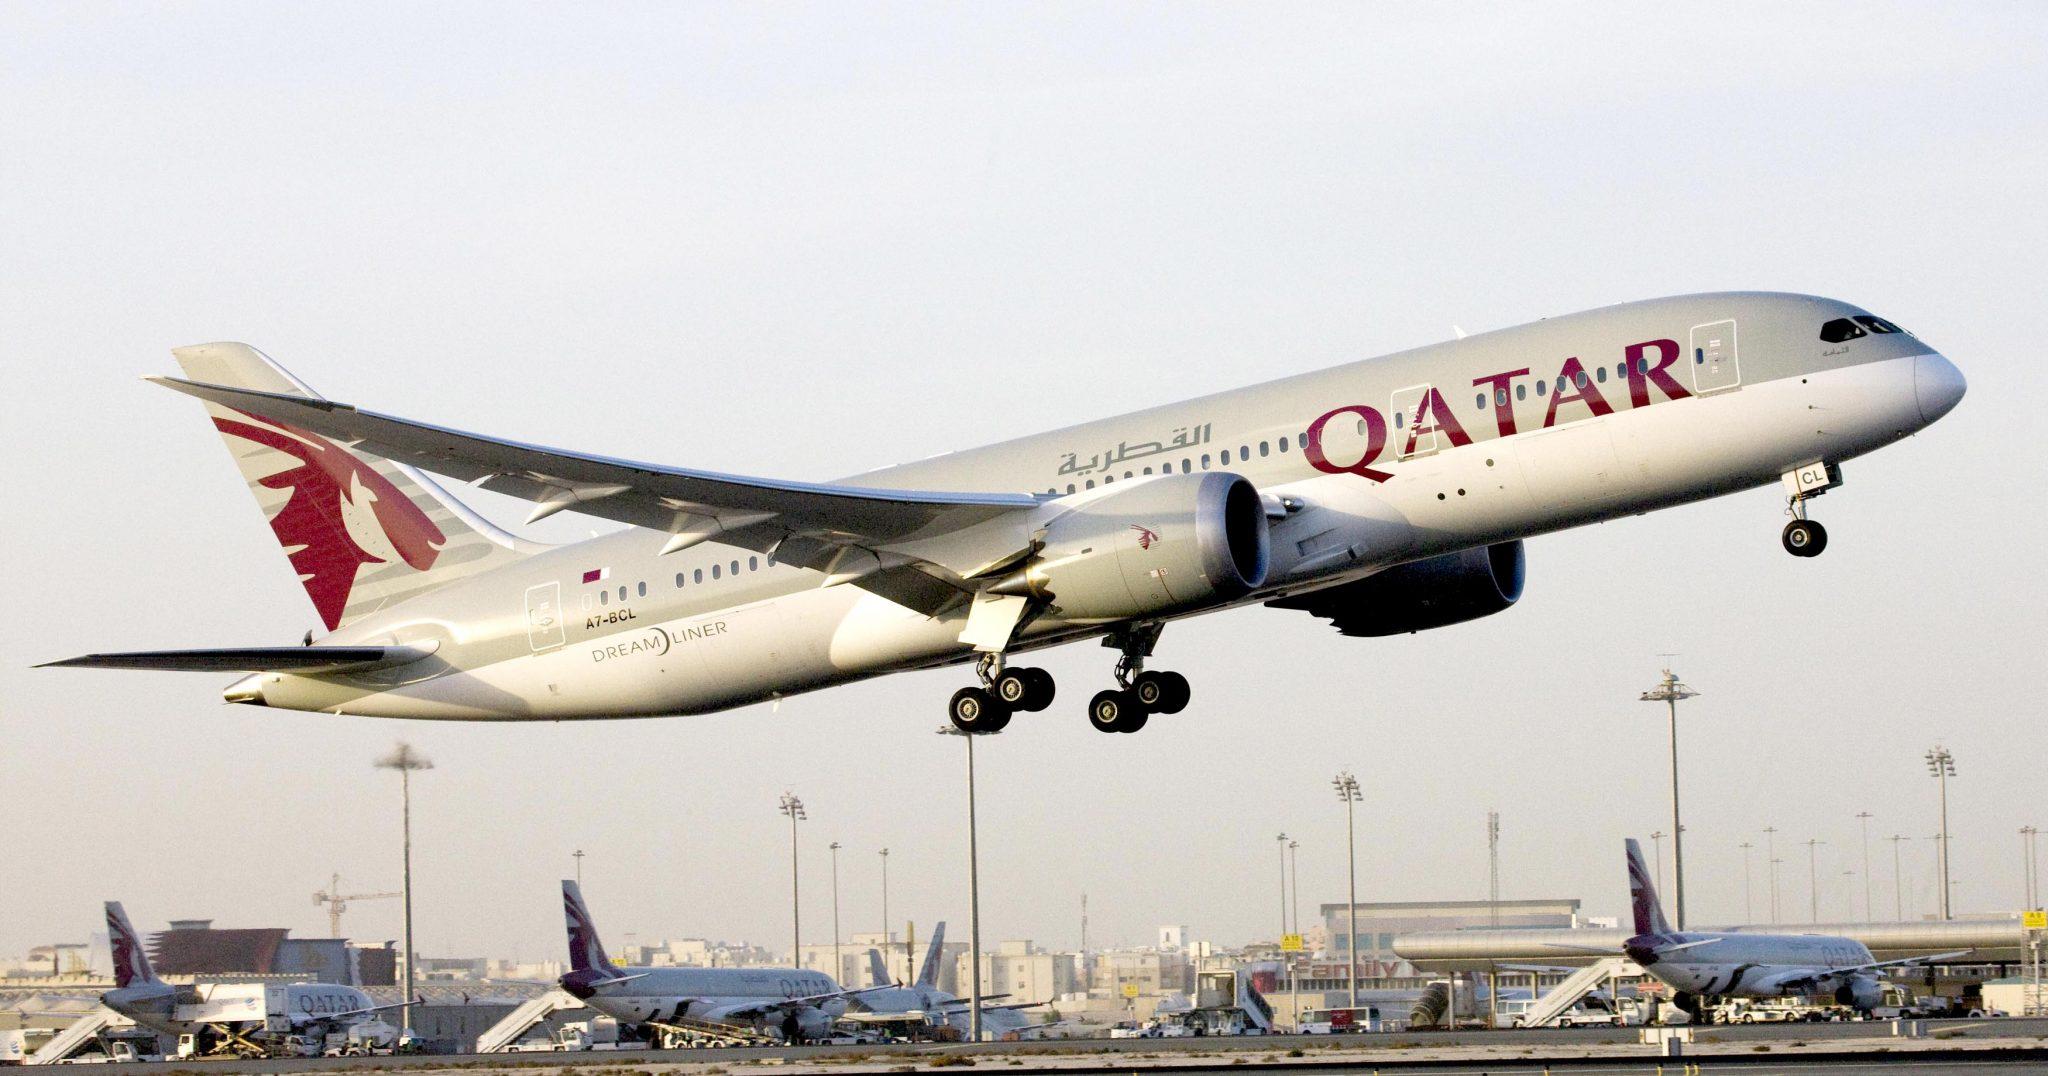 Despegue de un avion de Qatar airways